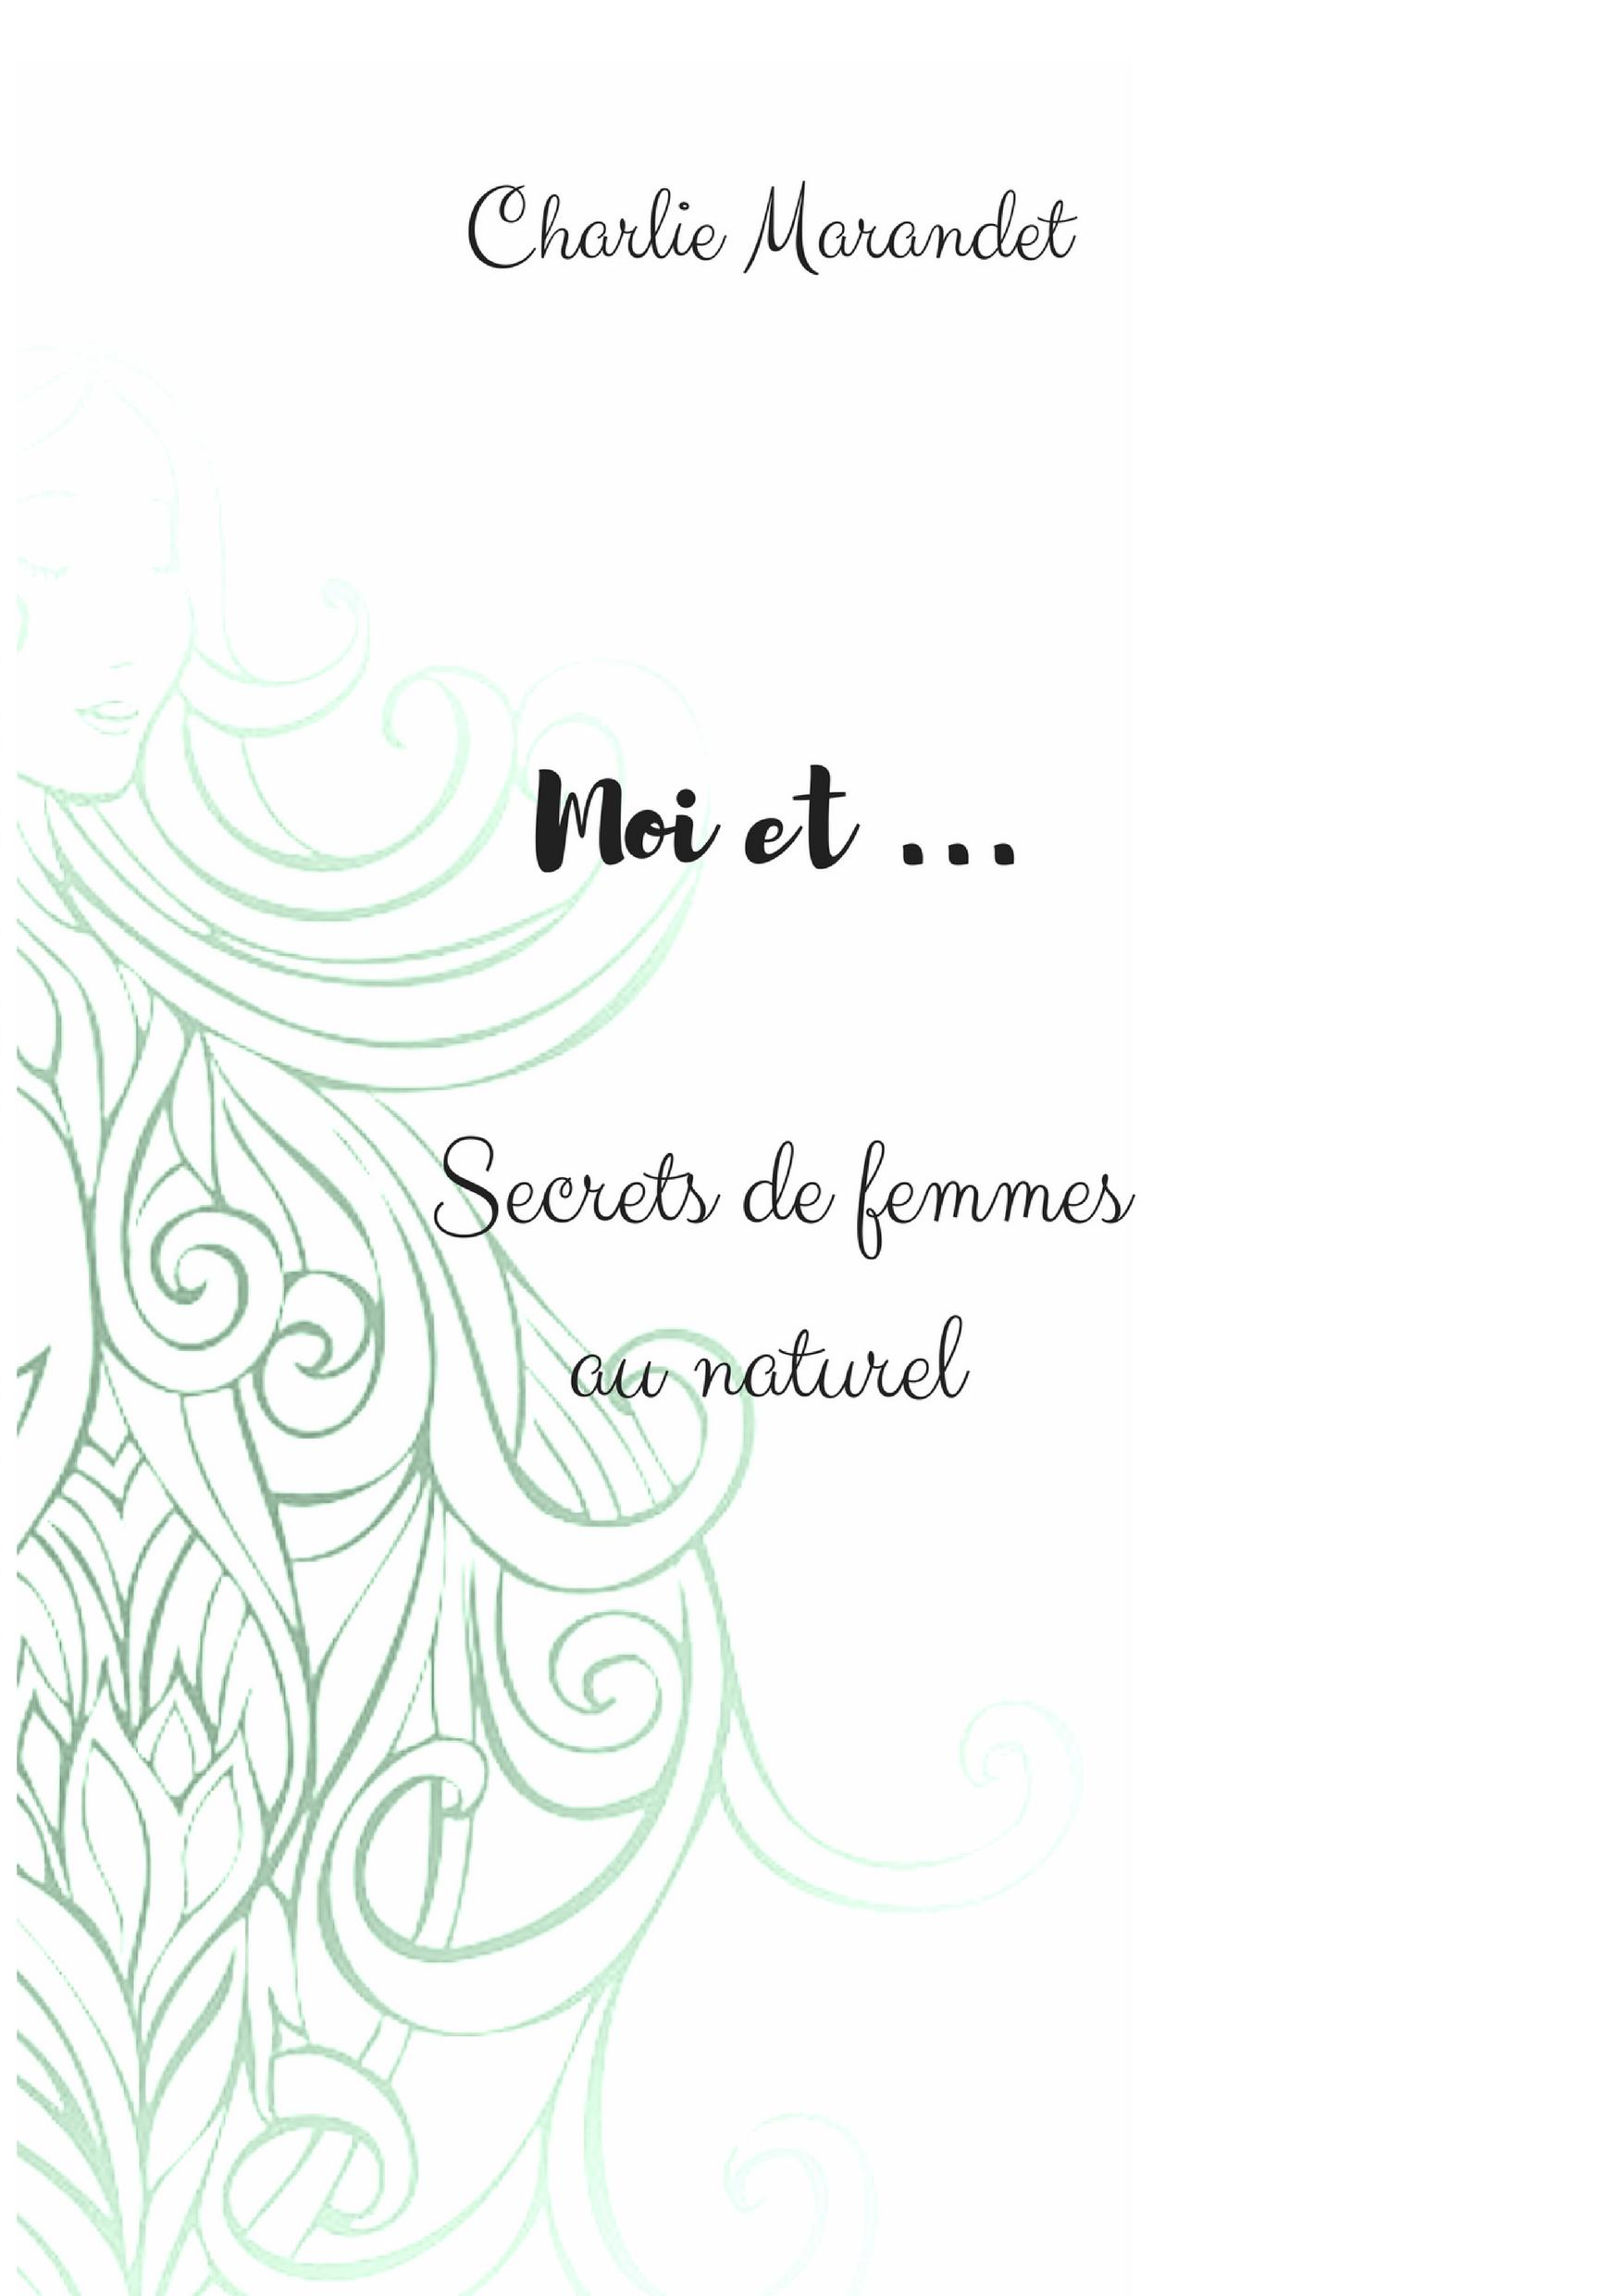 Moi et .. Secrets de femmes au naturel